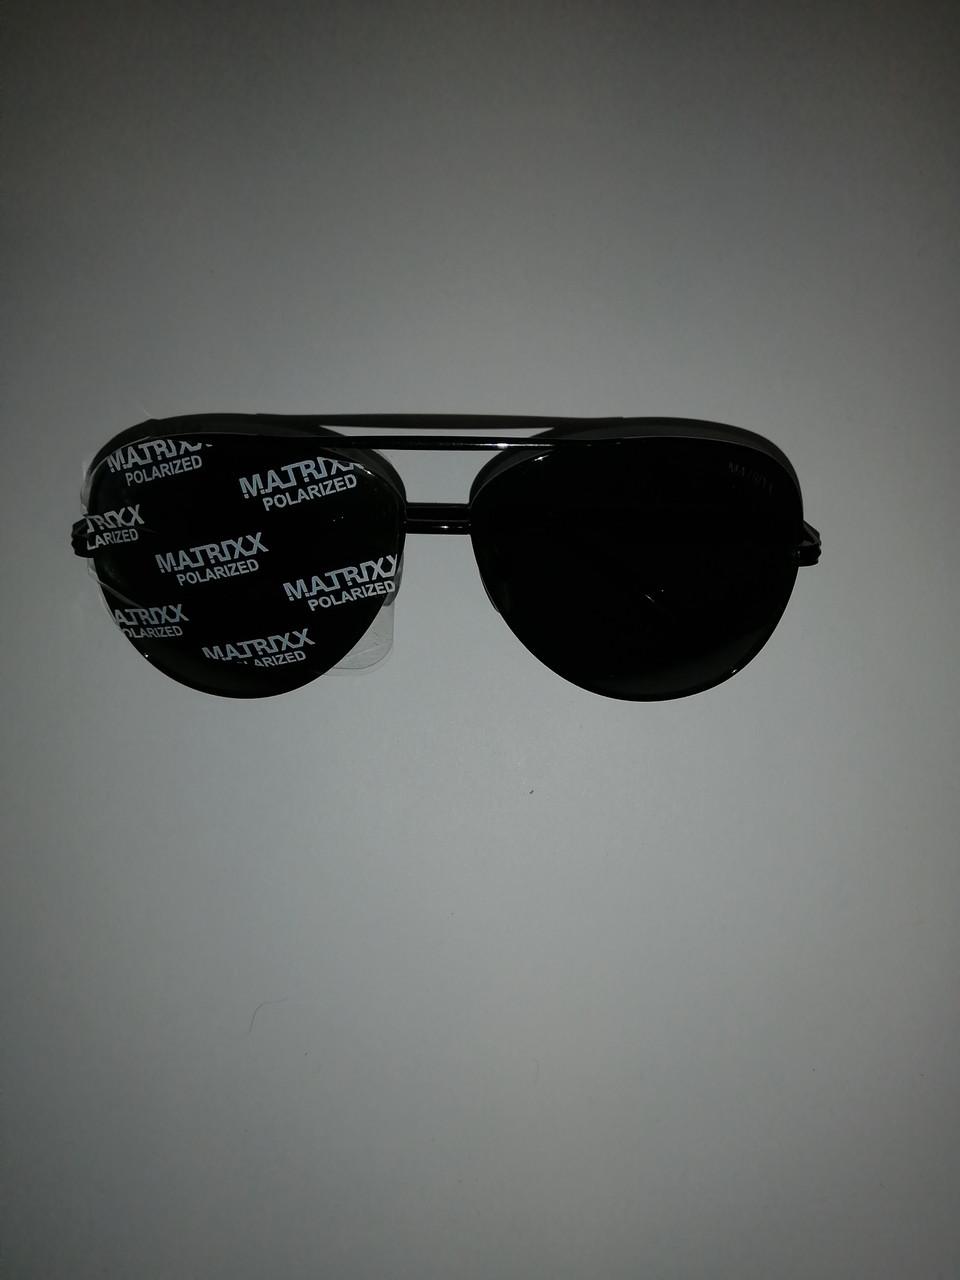 Очки солнцезащитные, капля чёрная, матрикс с полароидной линзой.